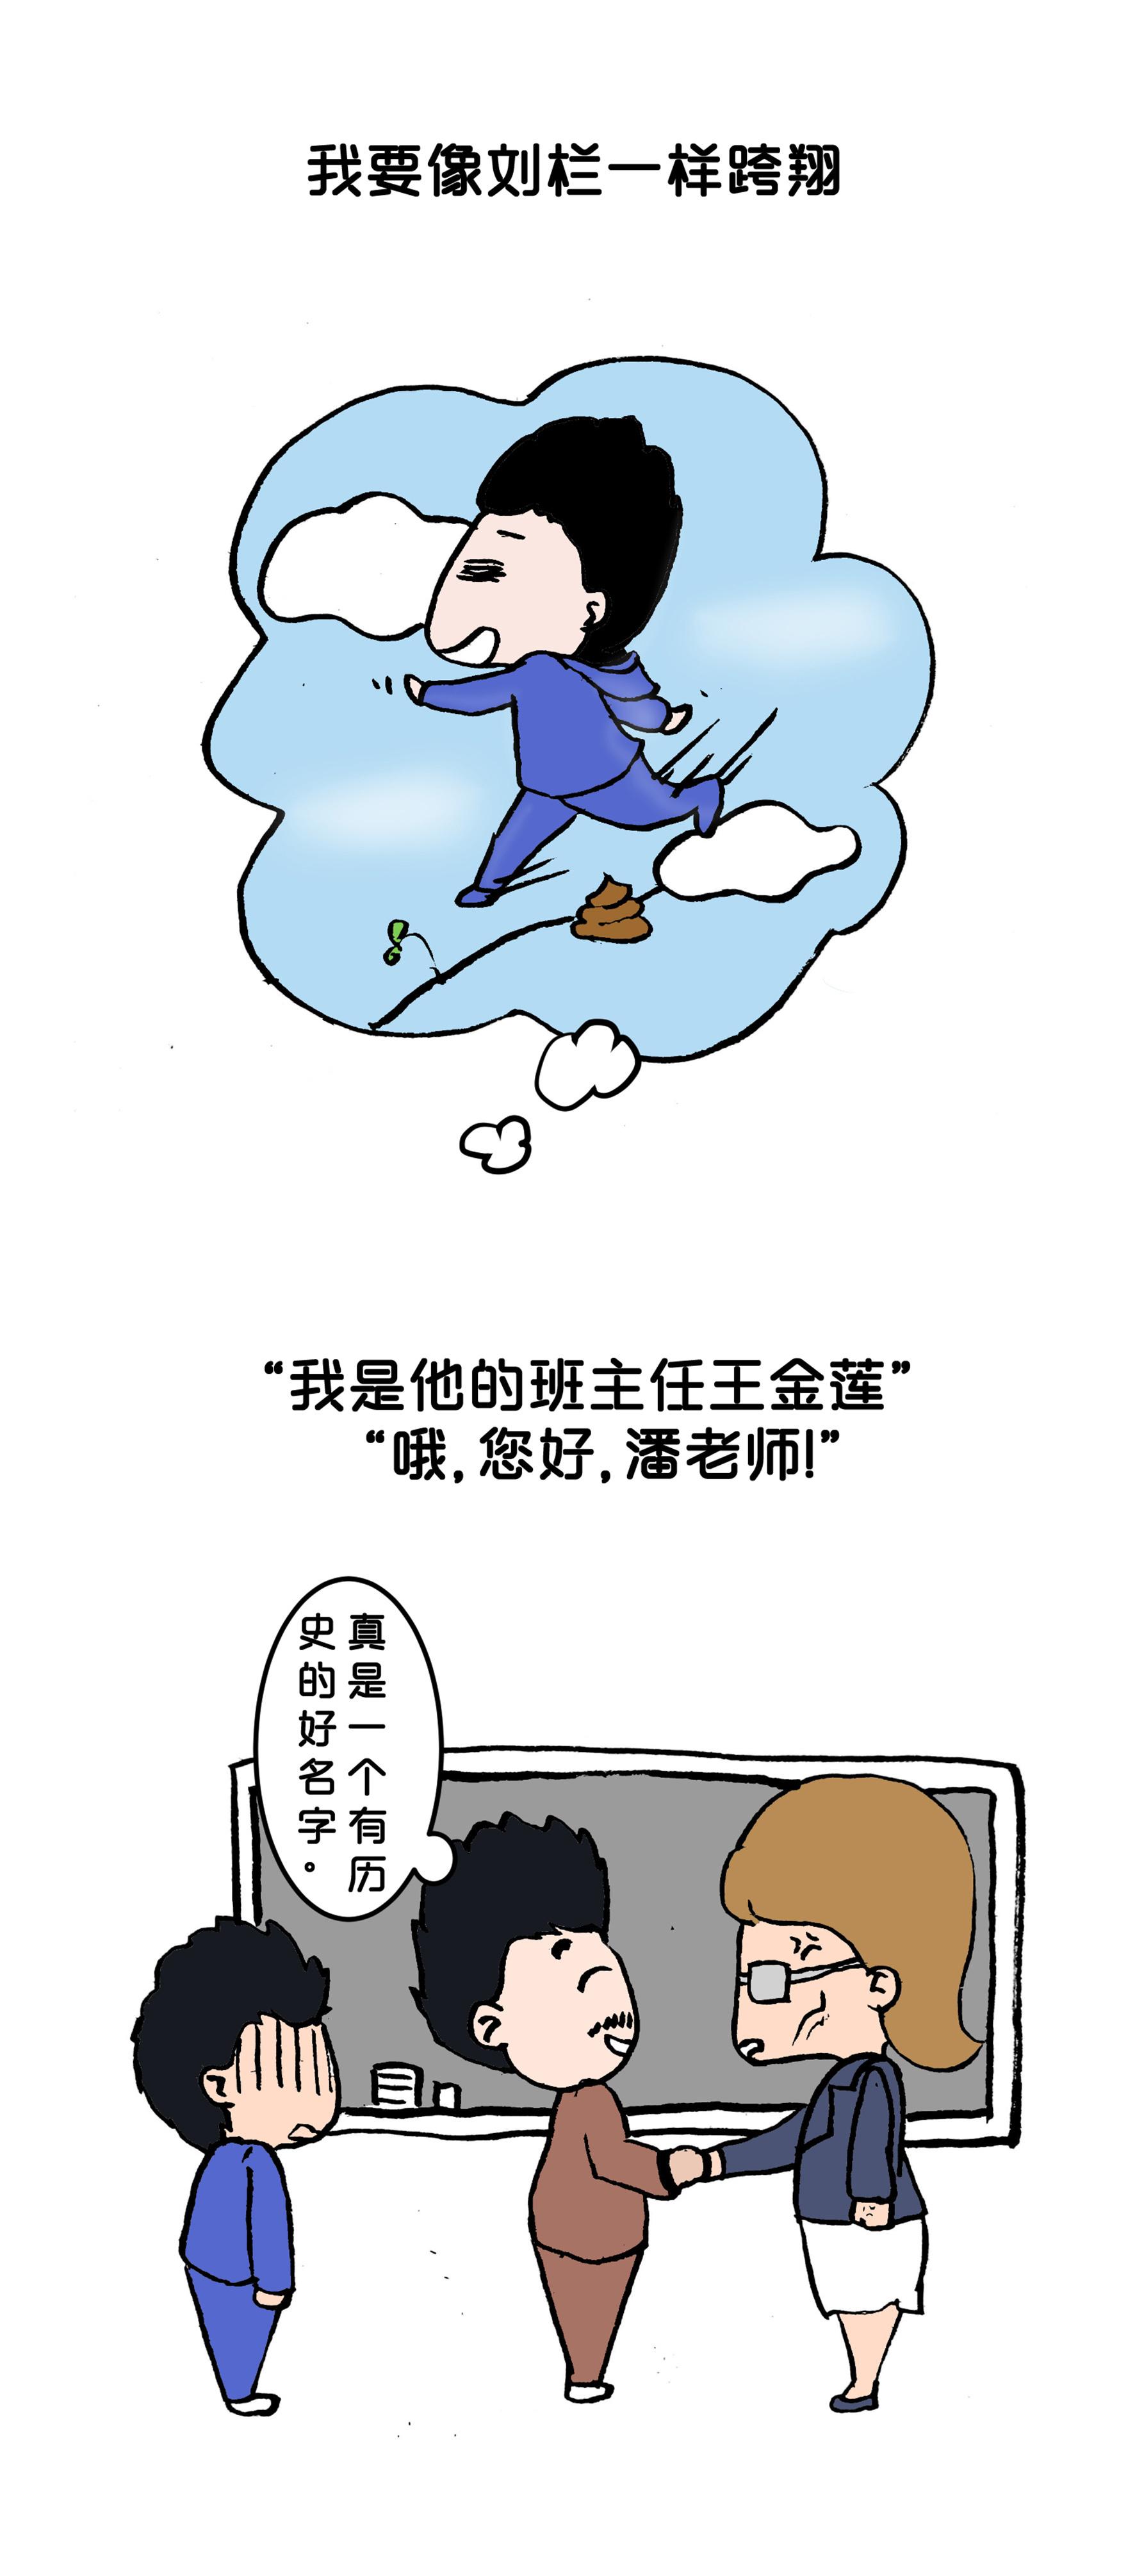 【订阅号漫画】2015年工作兼职漫画奴稚全图片